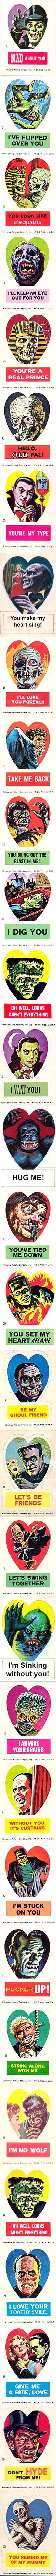 Norm Saunders Frankenstein Valentines Stickers (1966)